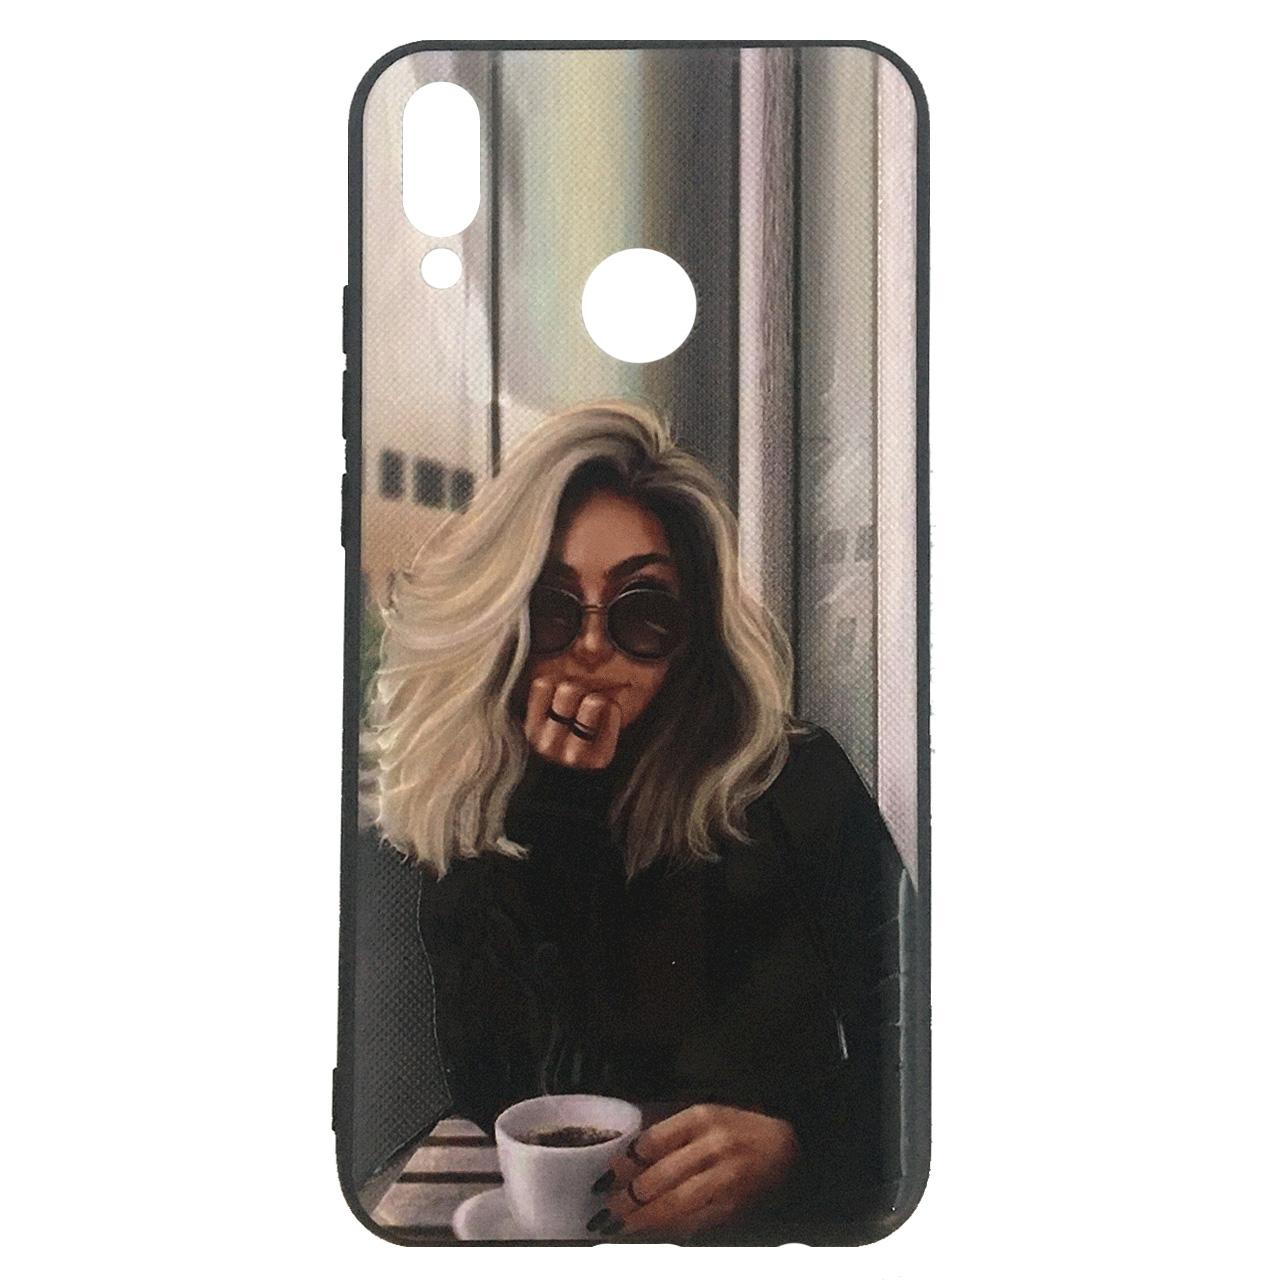 کاور مدل H0012 مناسب برای گوشی موبایل هوآوی Y9 2019